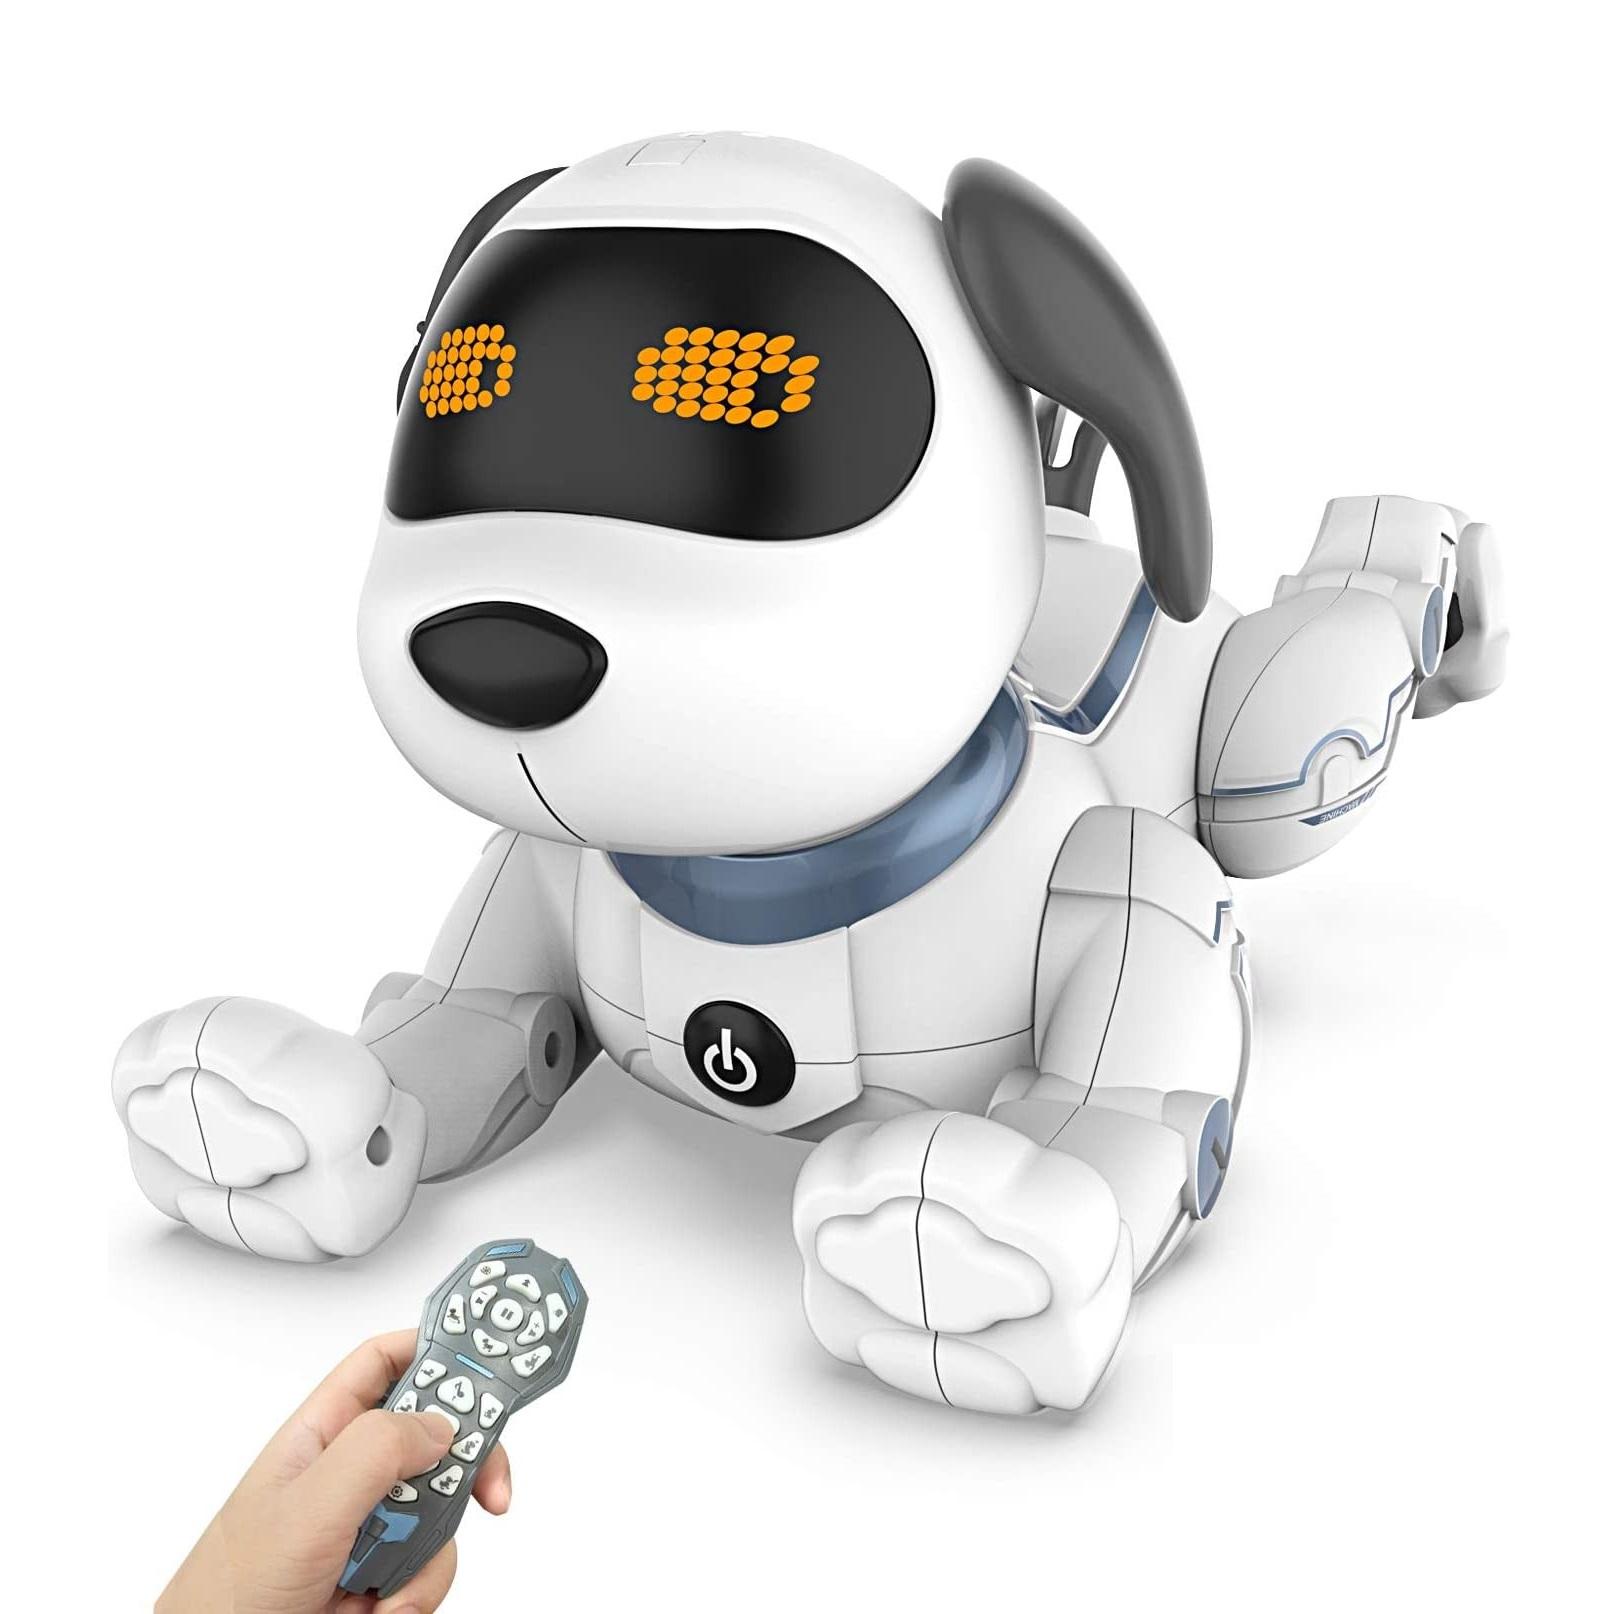 犬型ロボット スタントドッグ (STUNT DOG) はコントローラーで楽しく遊ぼう